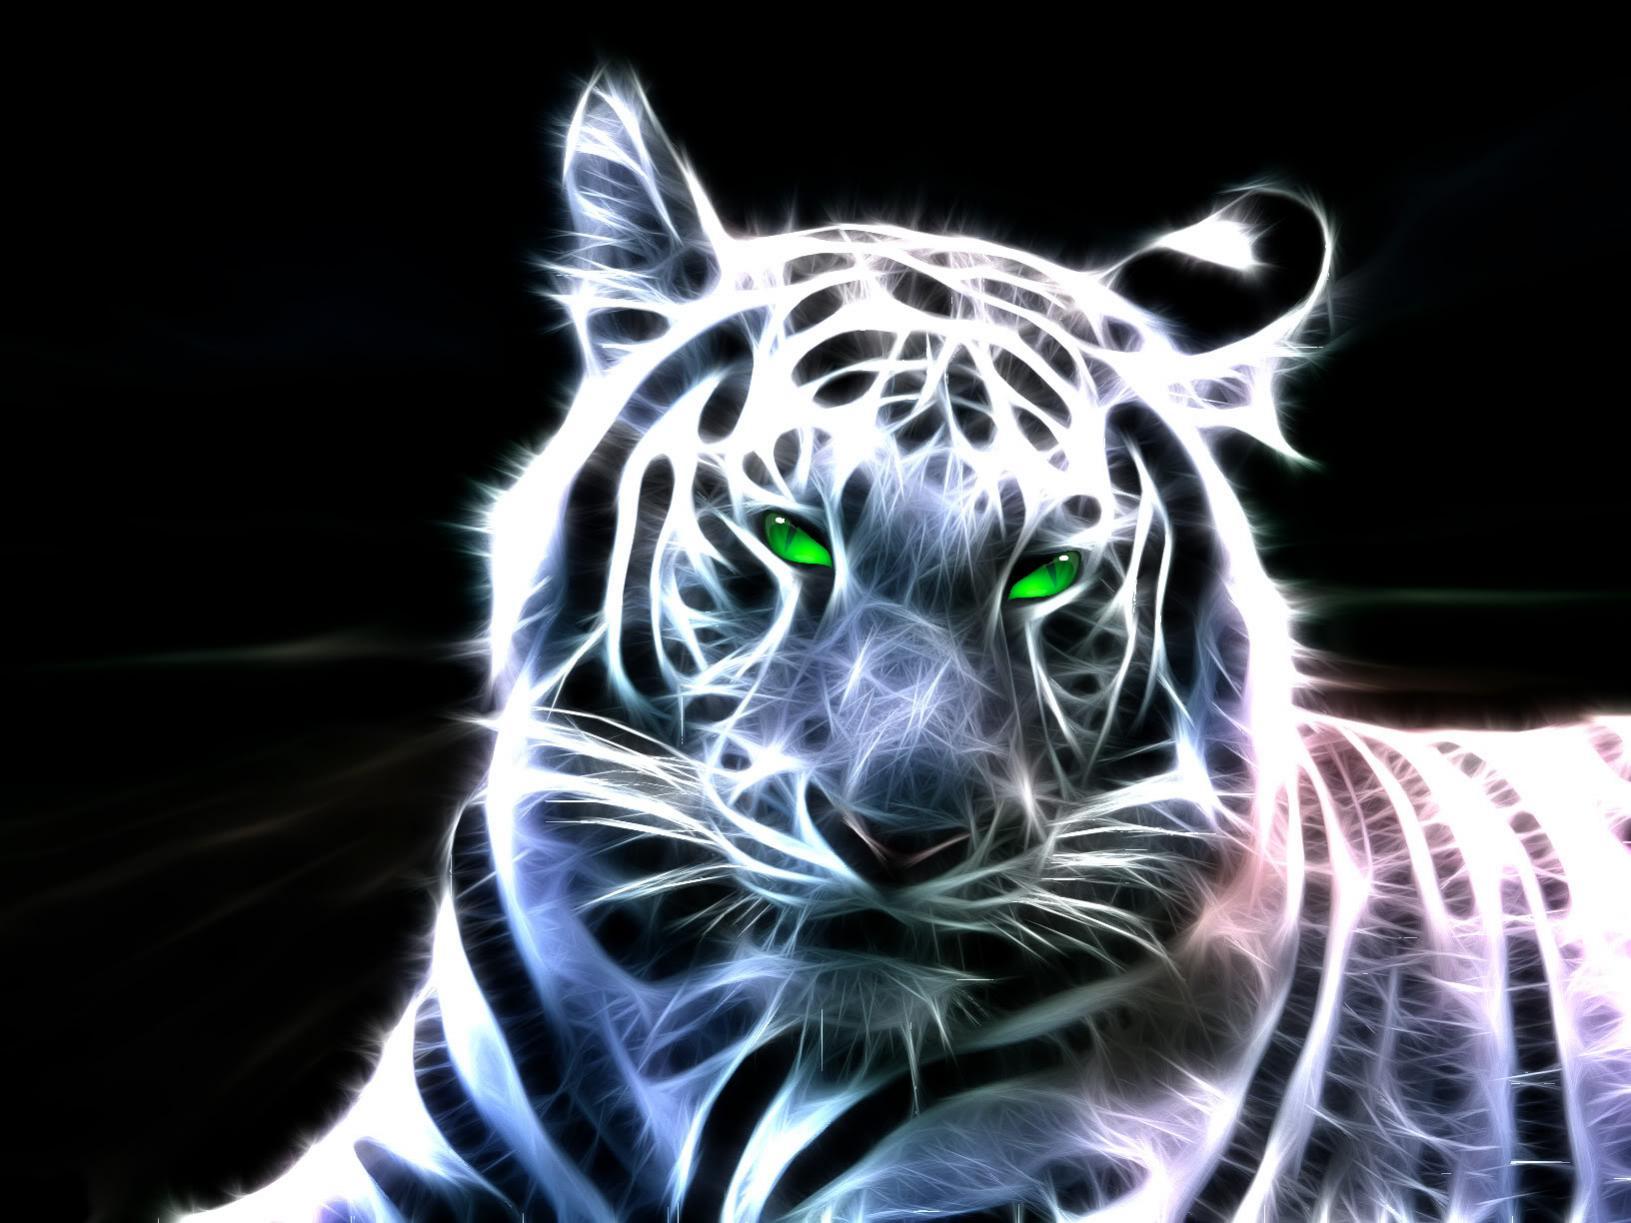 белый полосатый тигр, фото, скачать, обои на рабочий стол